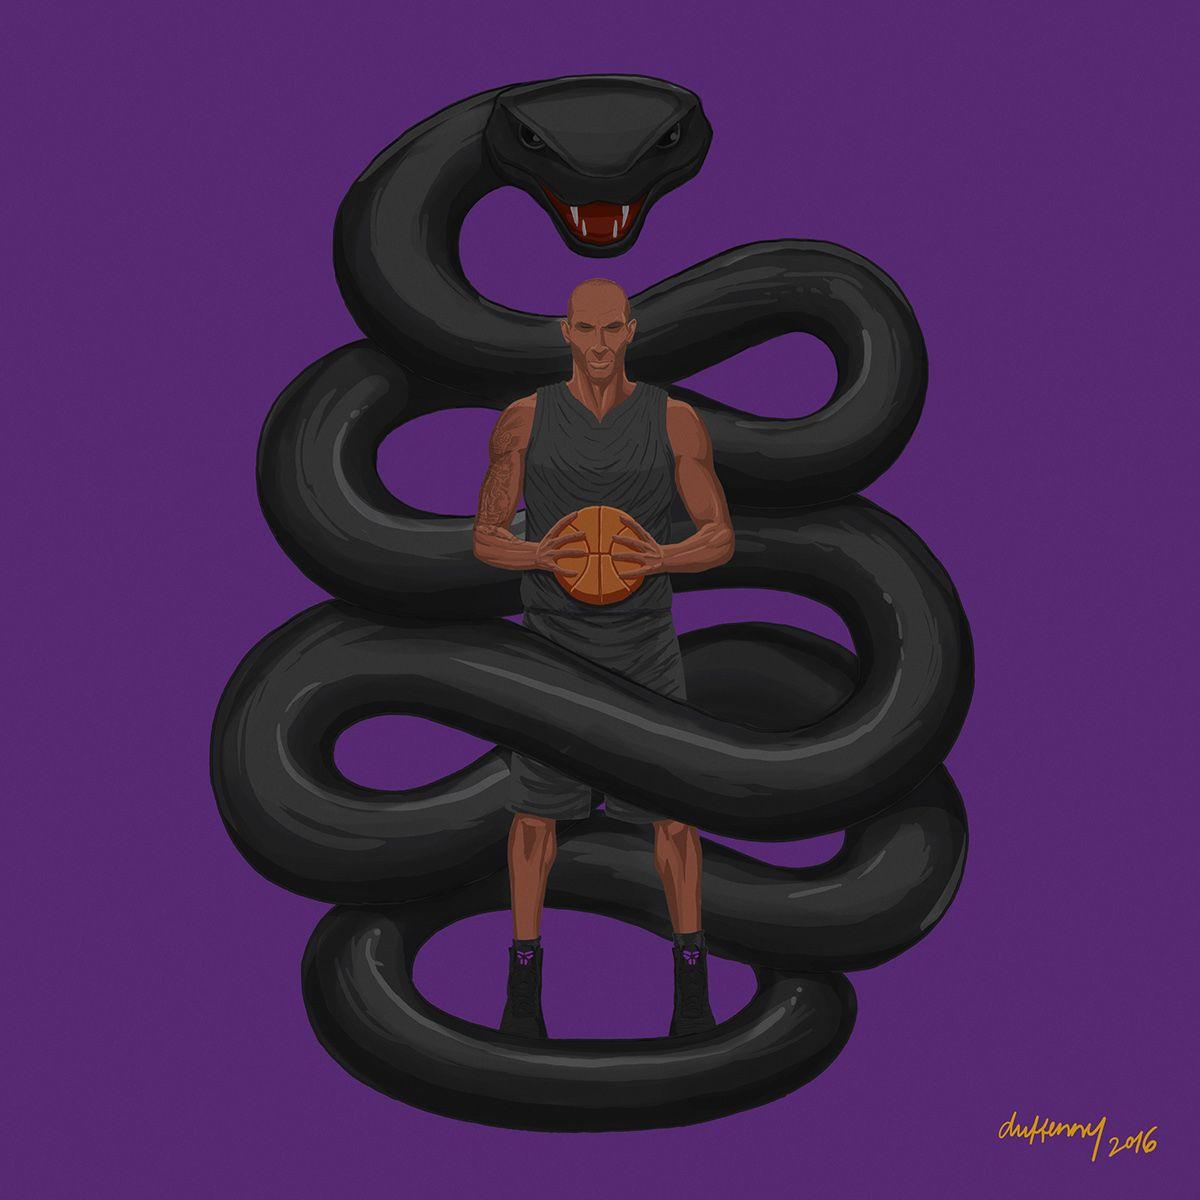 Kobe Bryant X Black Mamba Illustration Kobe Bryant Black Mamba Kobe Bryant Pictures Black mamba basketball black mamba kobe